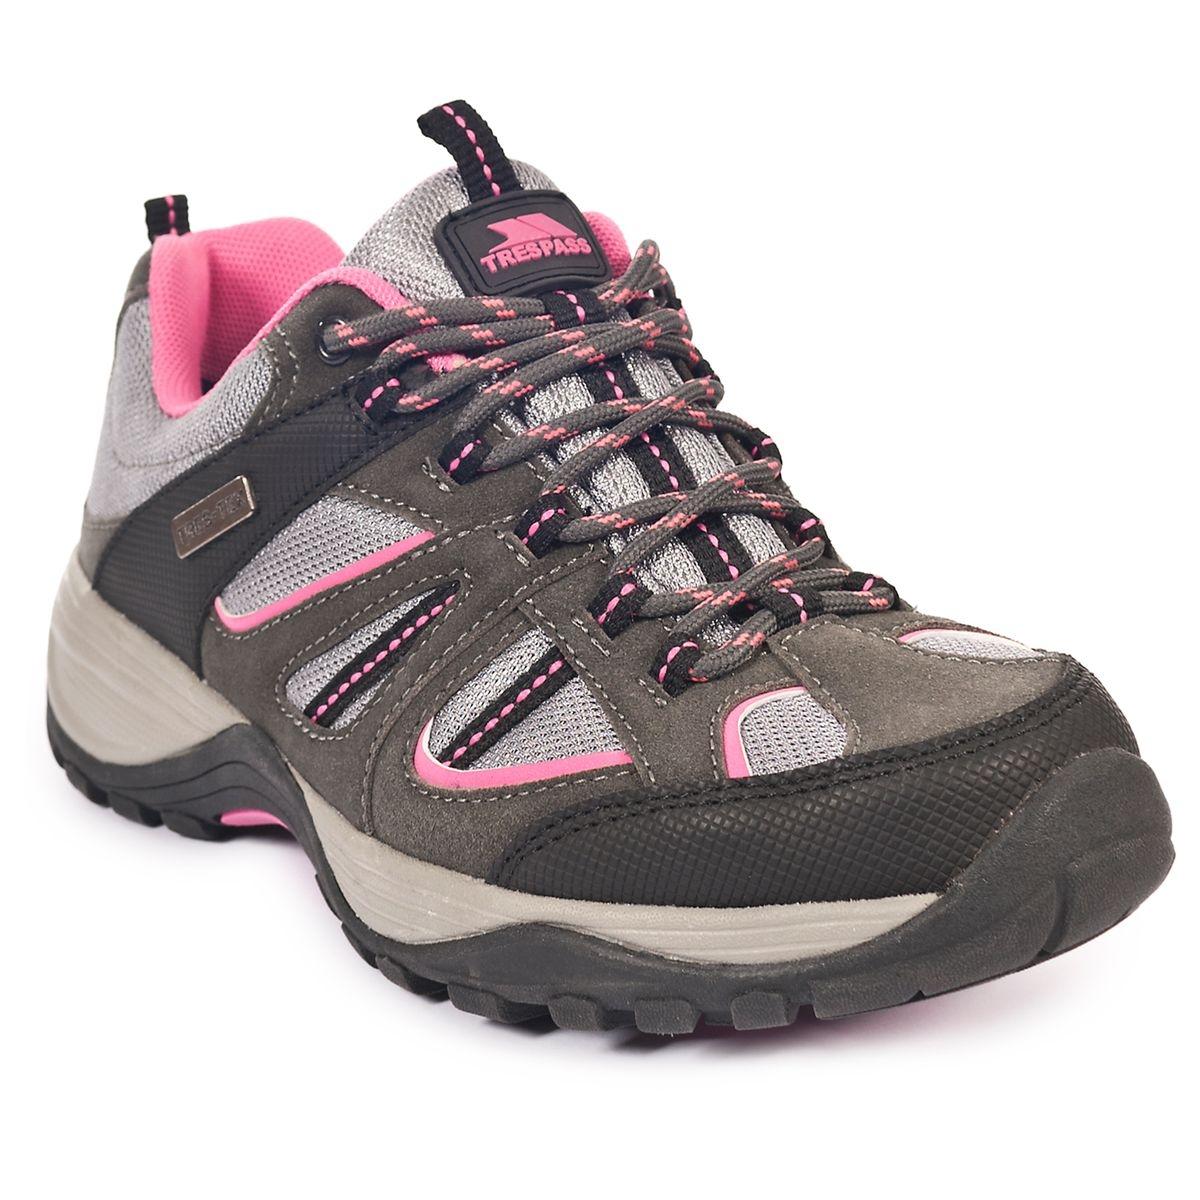 JAMIMA - chaussures baskets de randonnée - femme